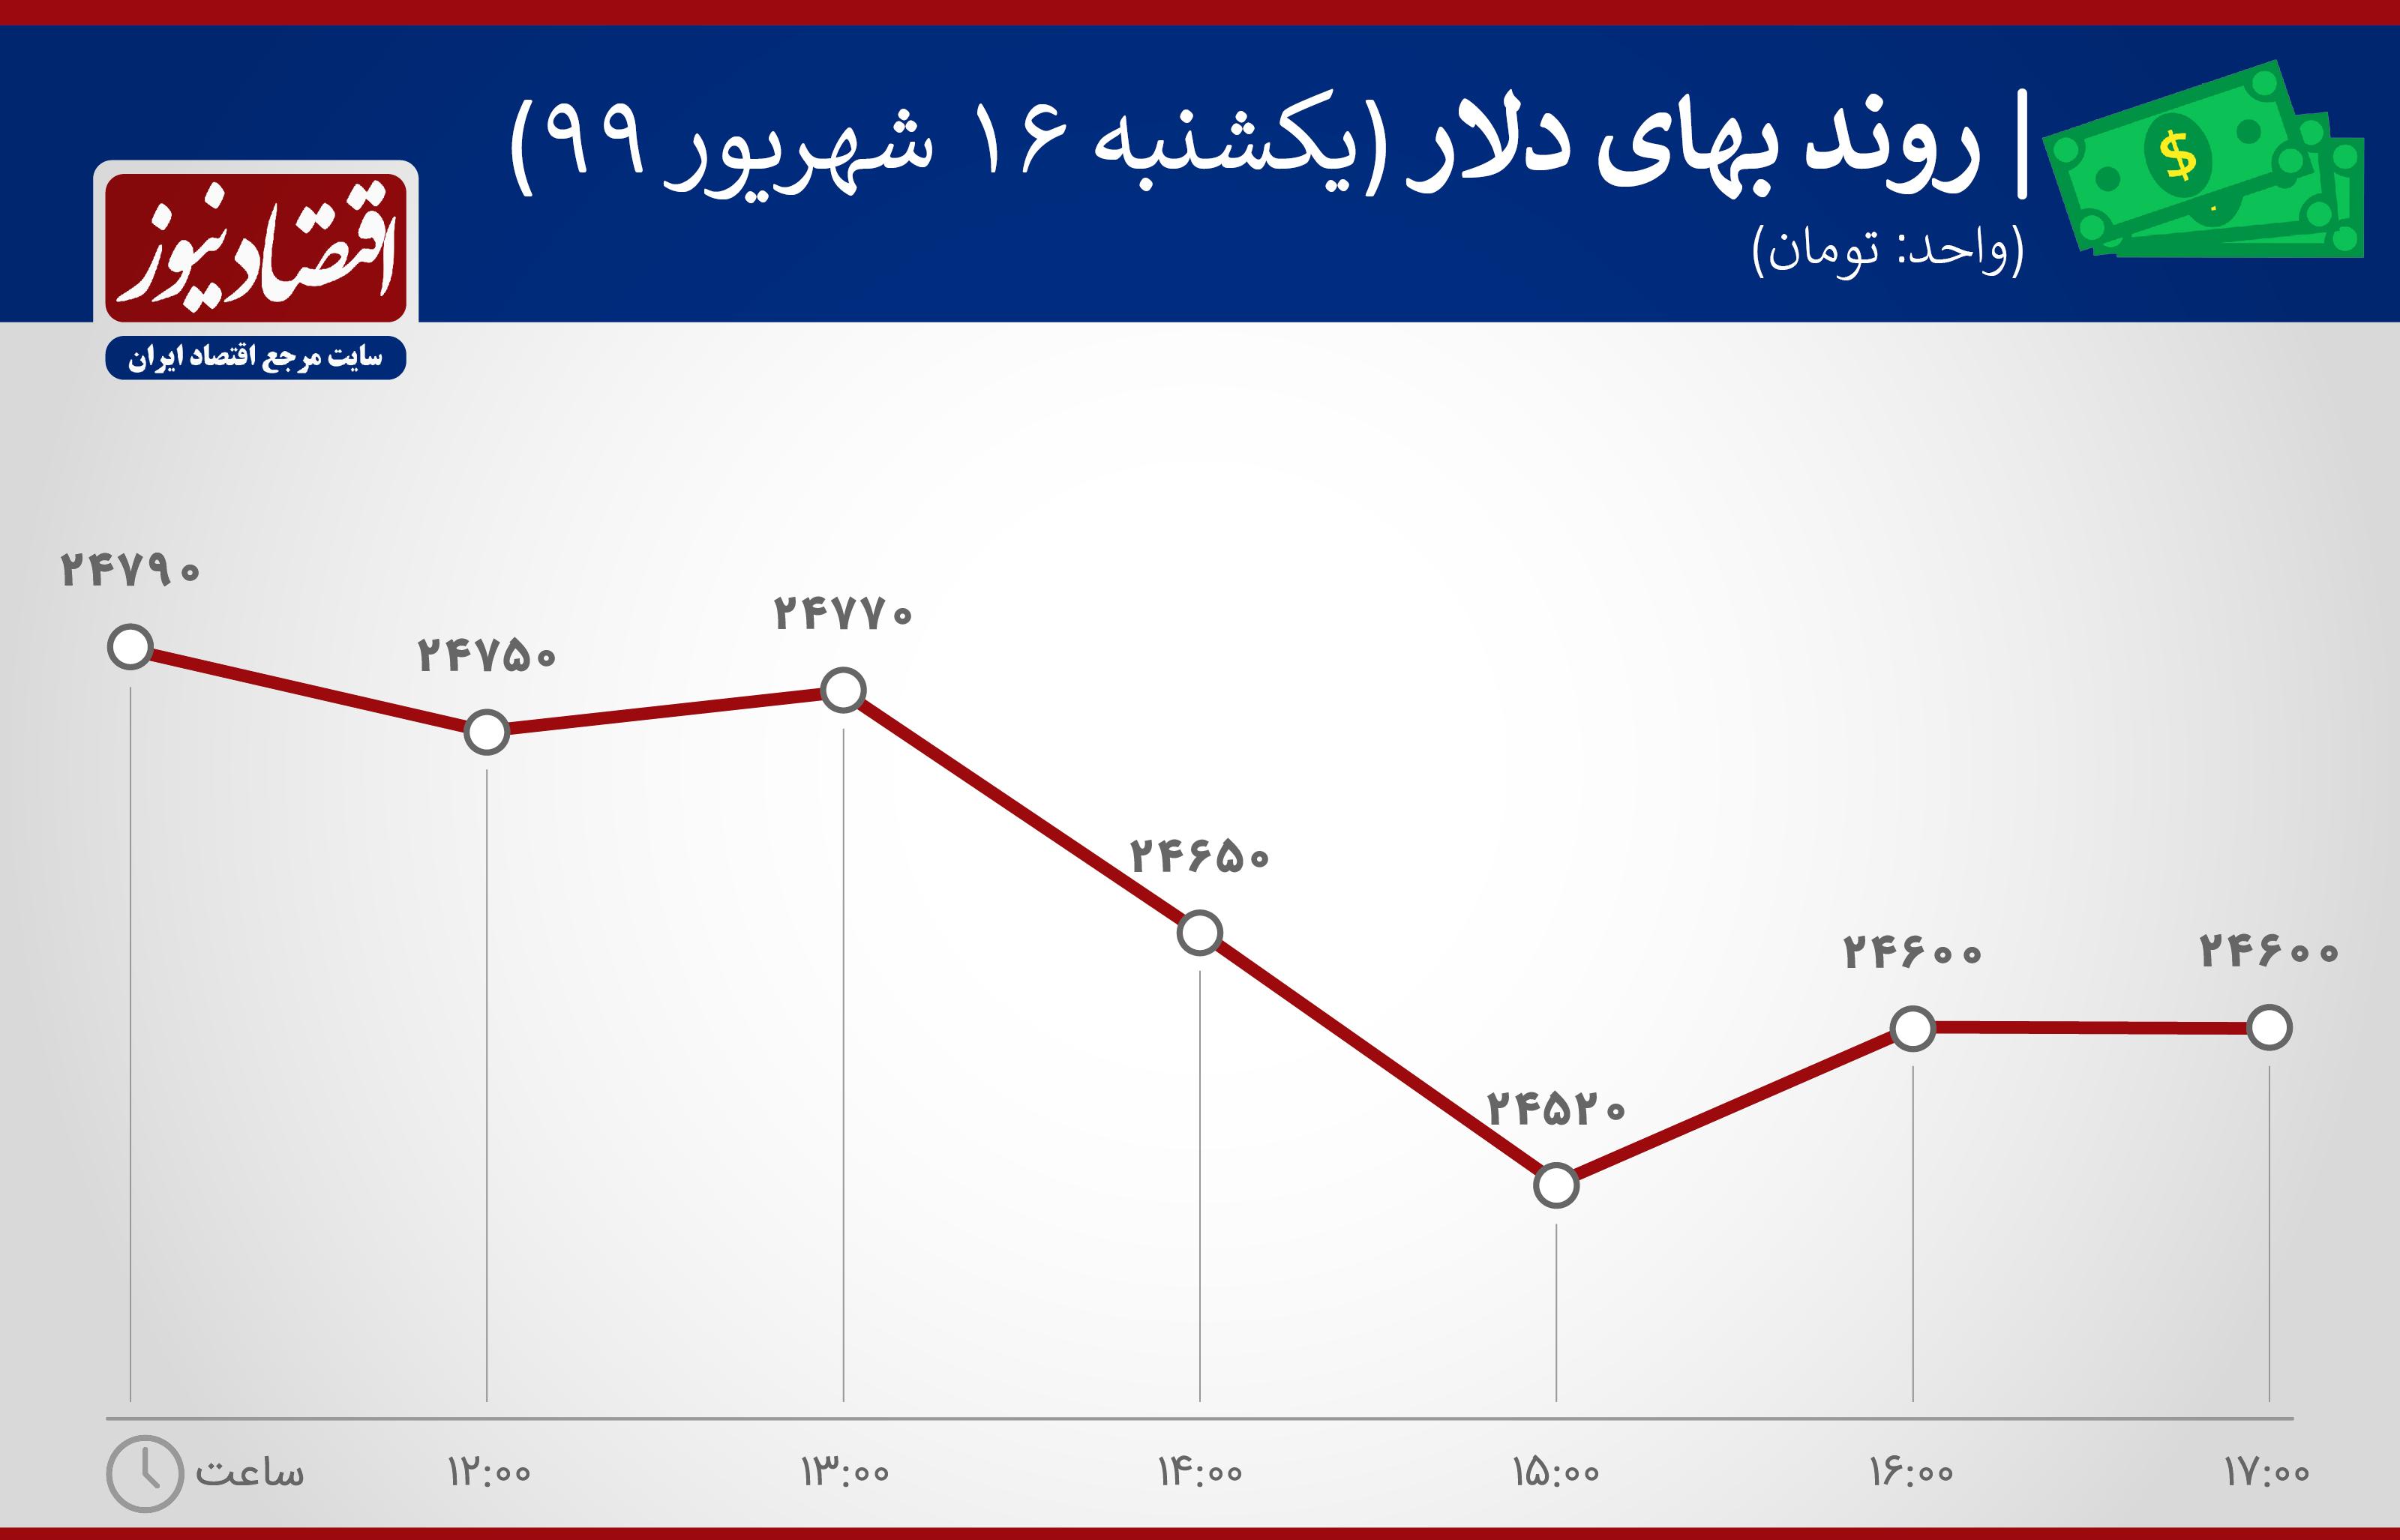 نمودار روند بهای دلار 16 شهریور